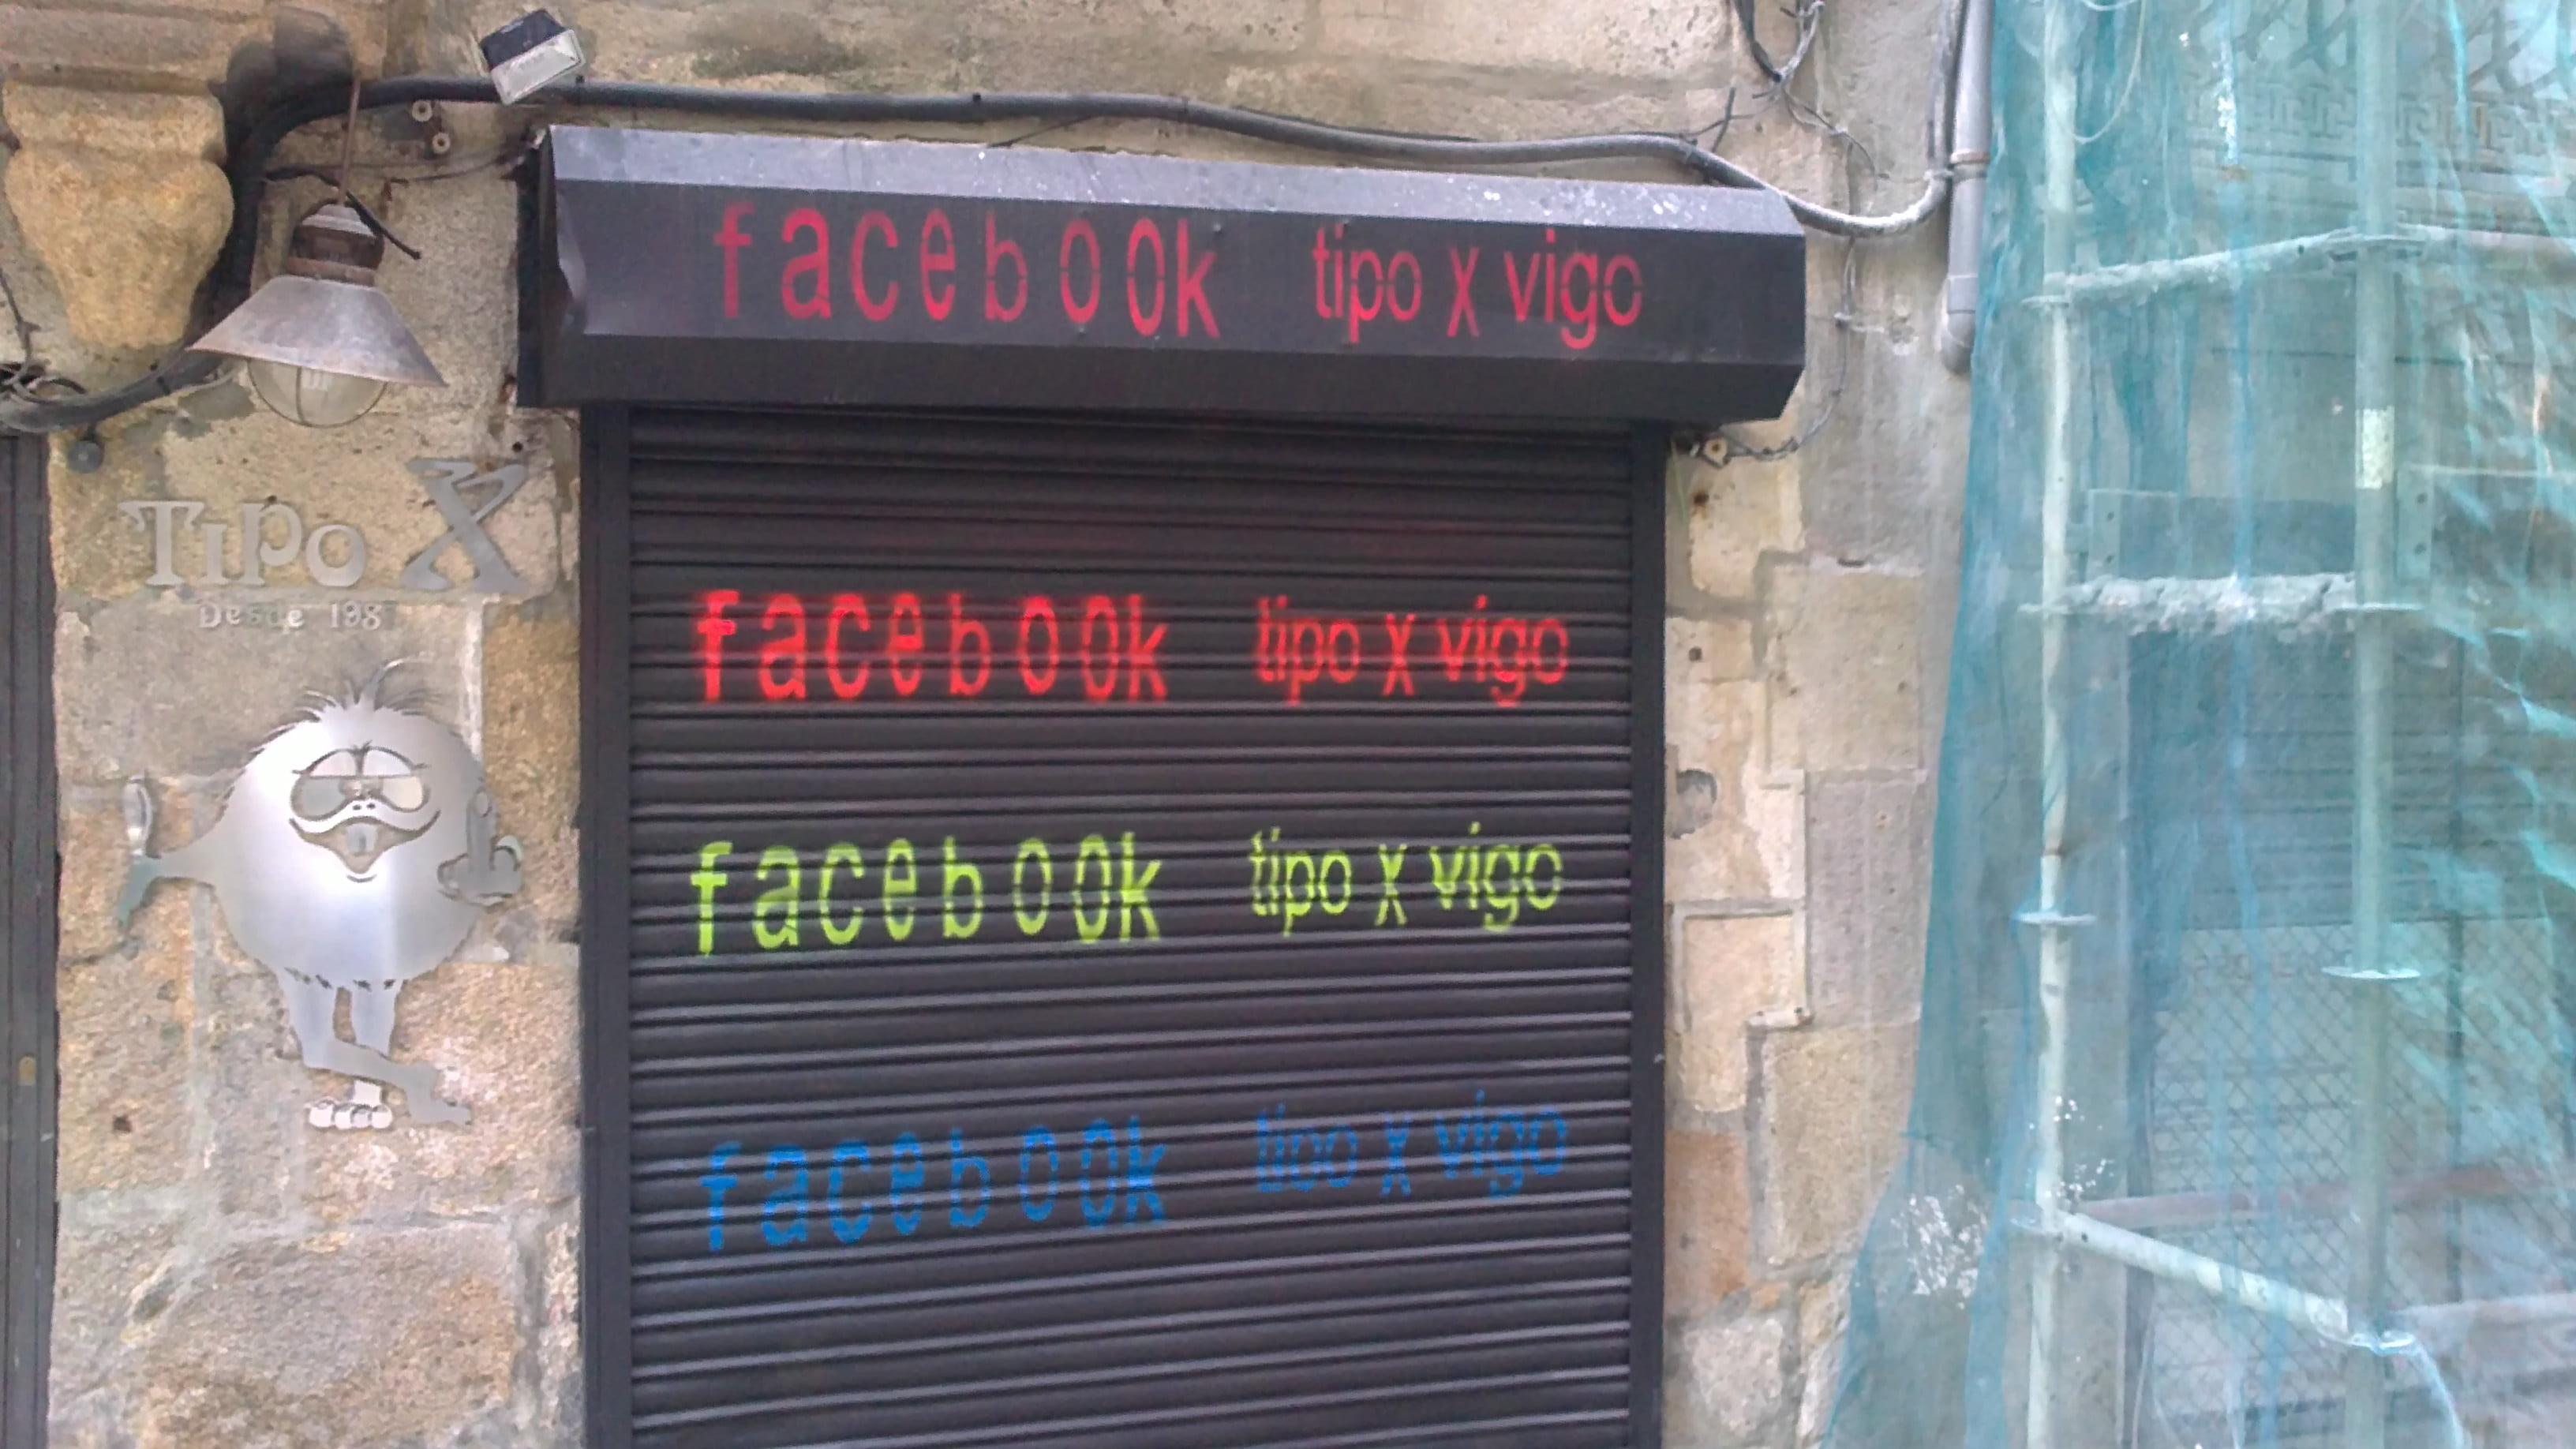 Discoteca Quattro Vigo Fotos